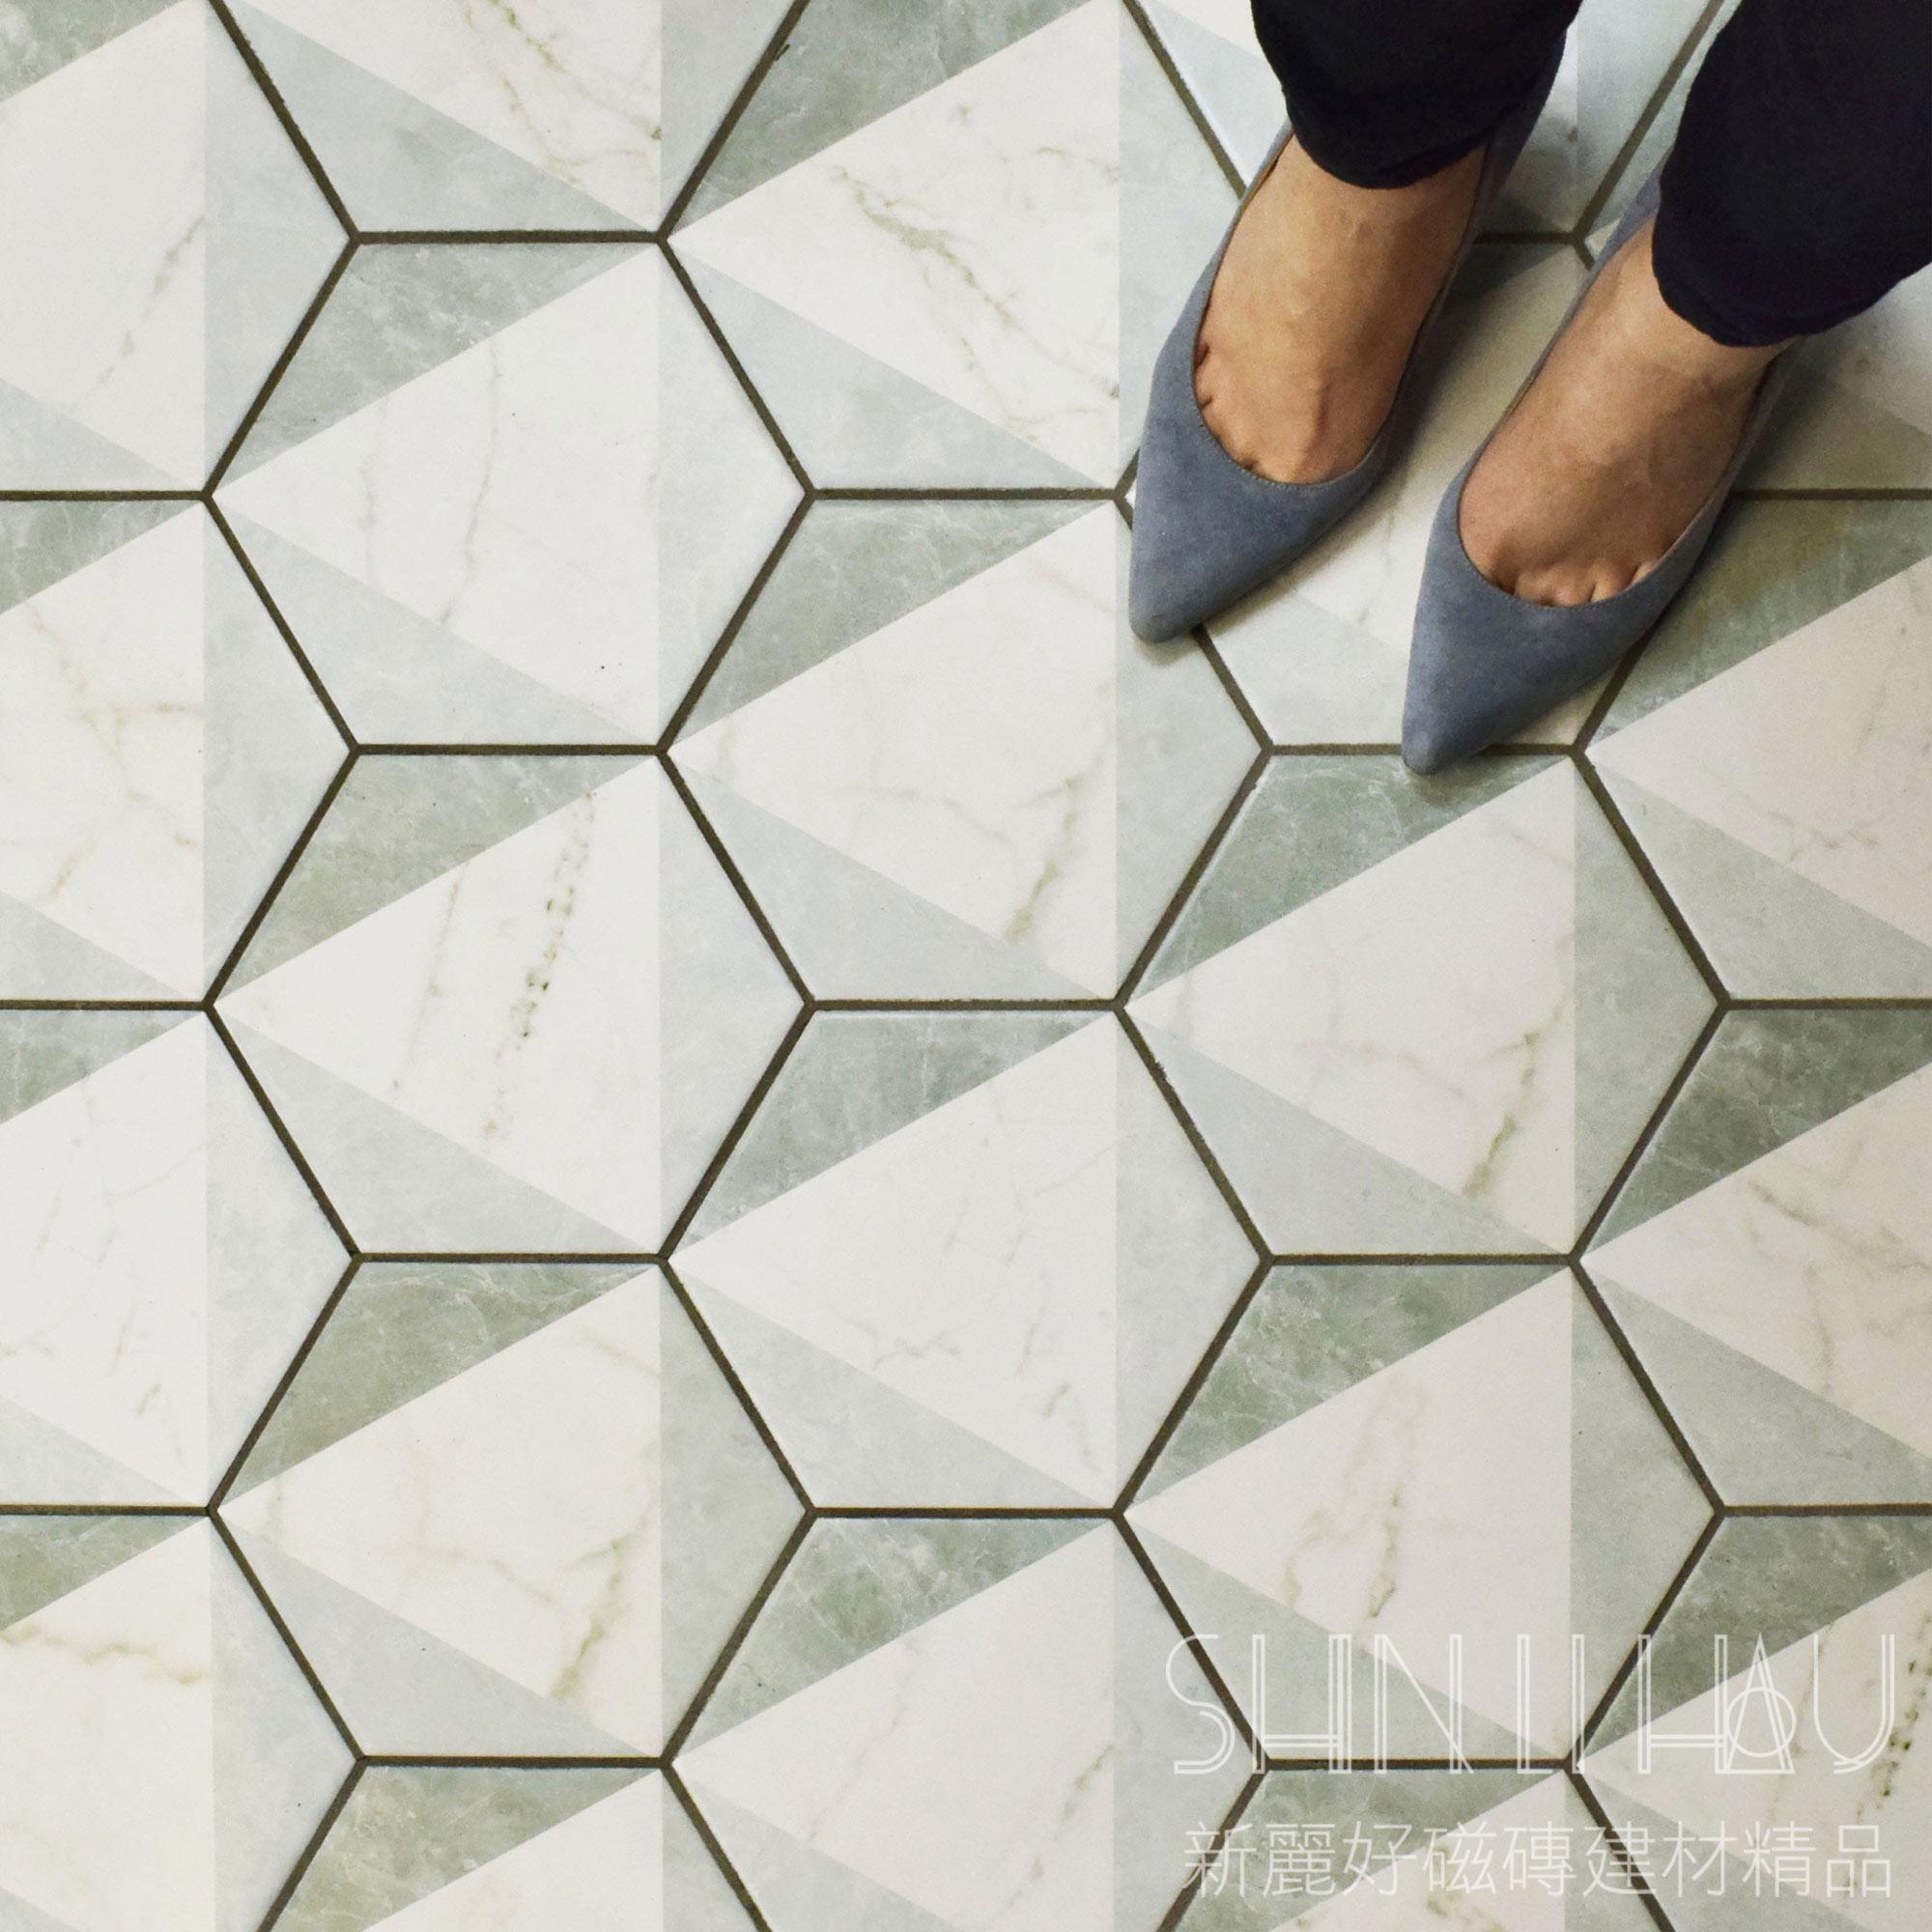 簡藝六角磚 - 卡拉拉幾何花磚